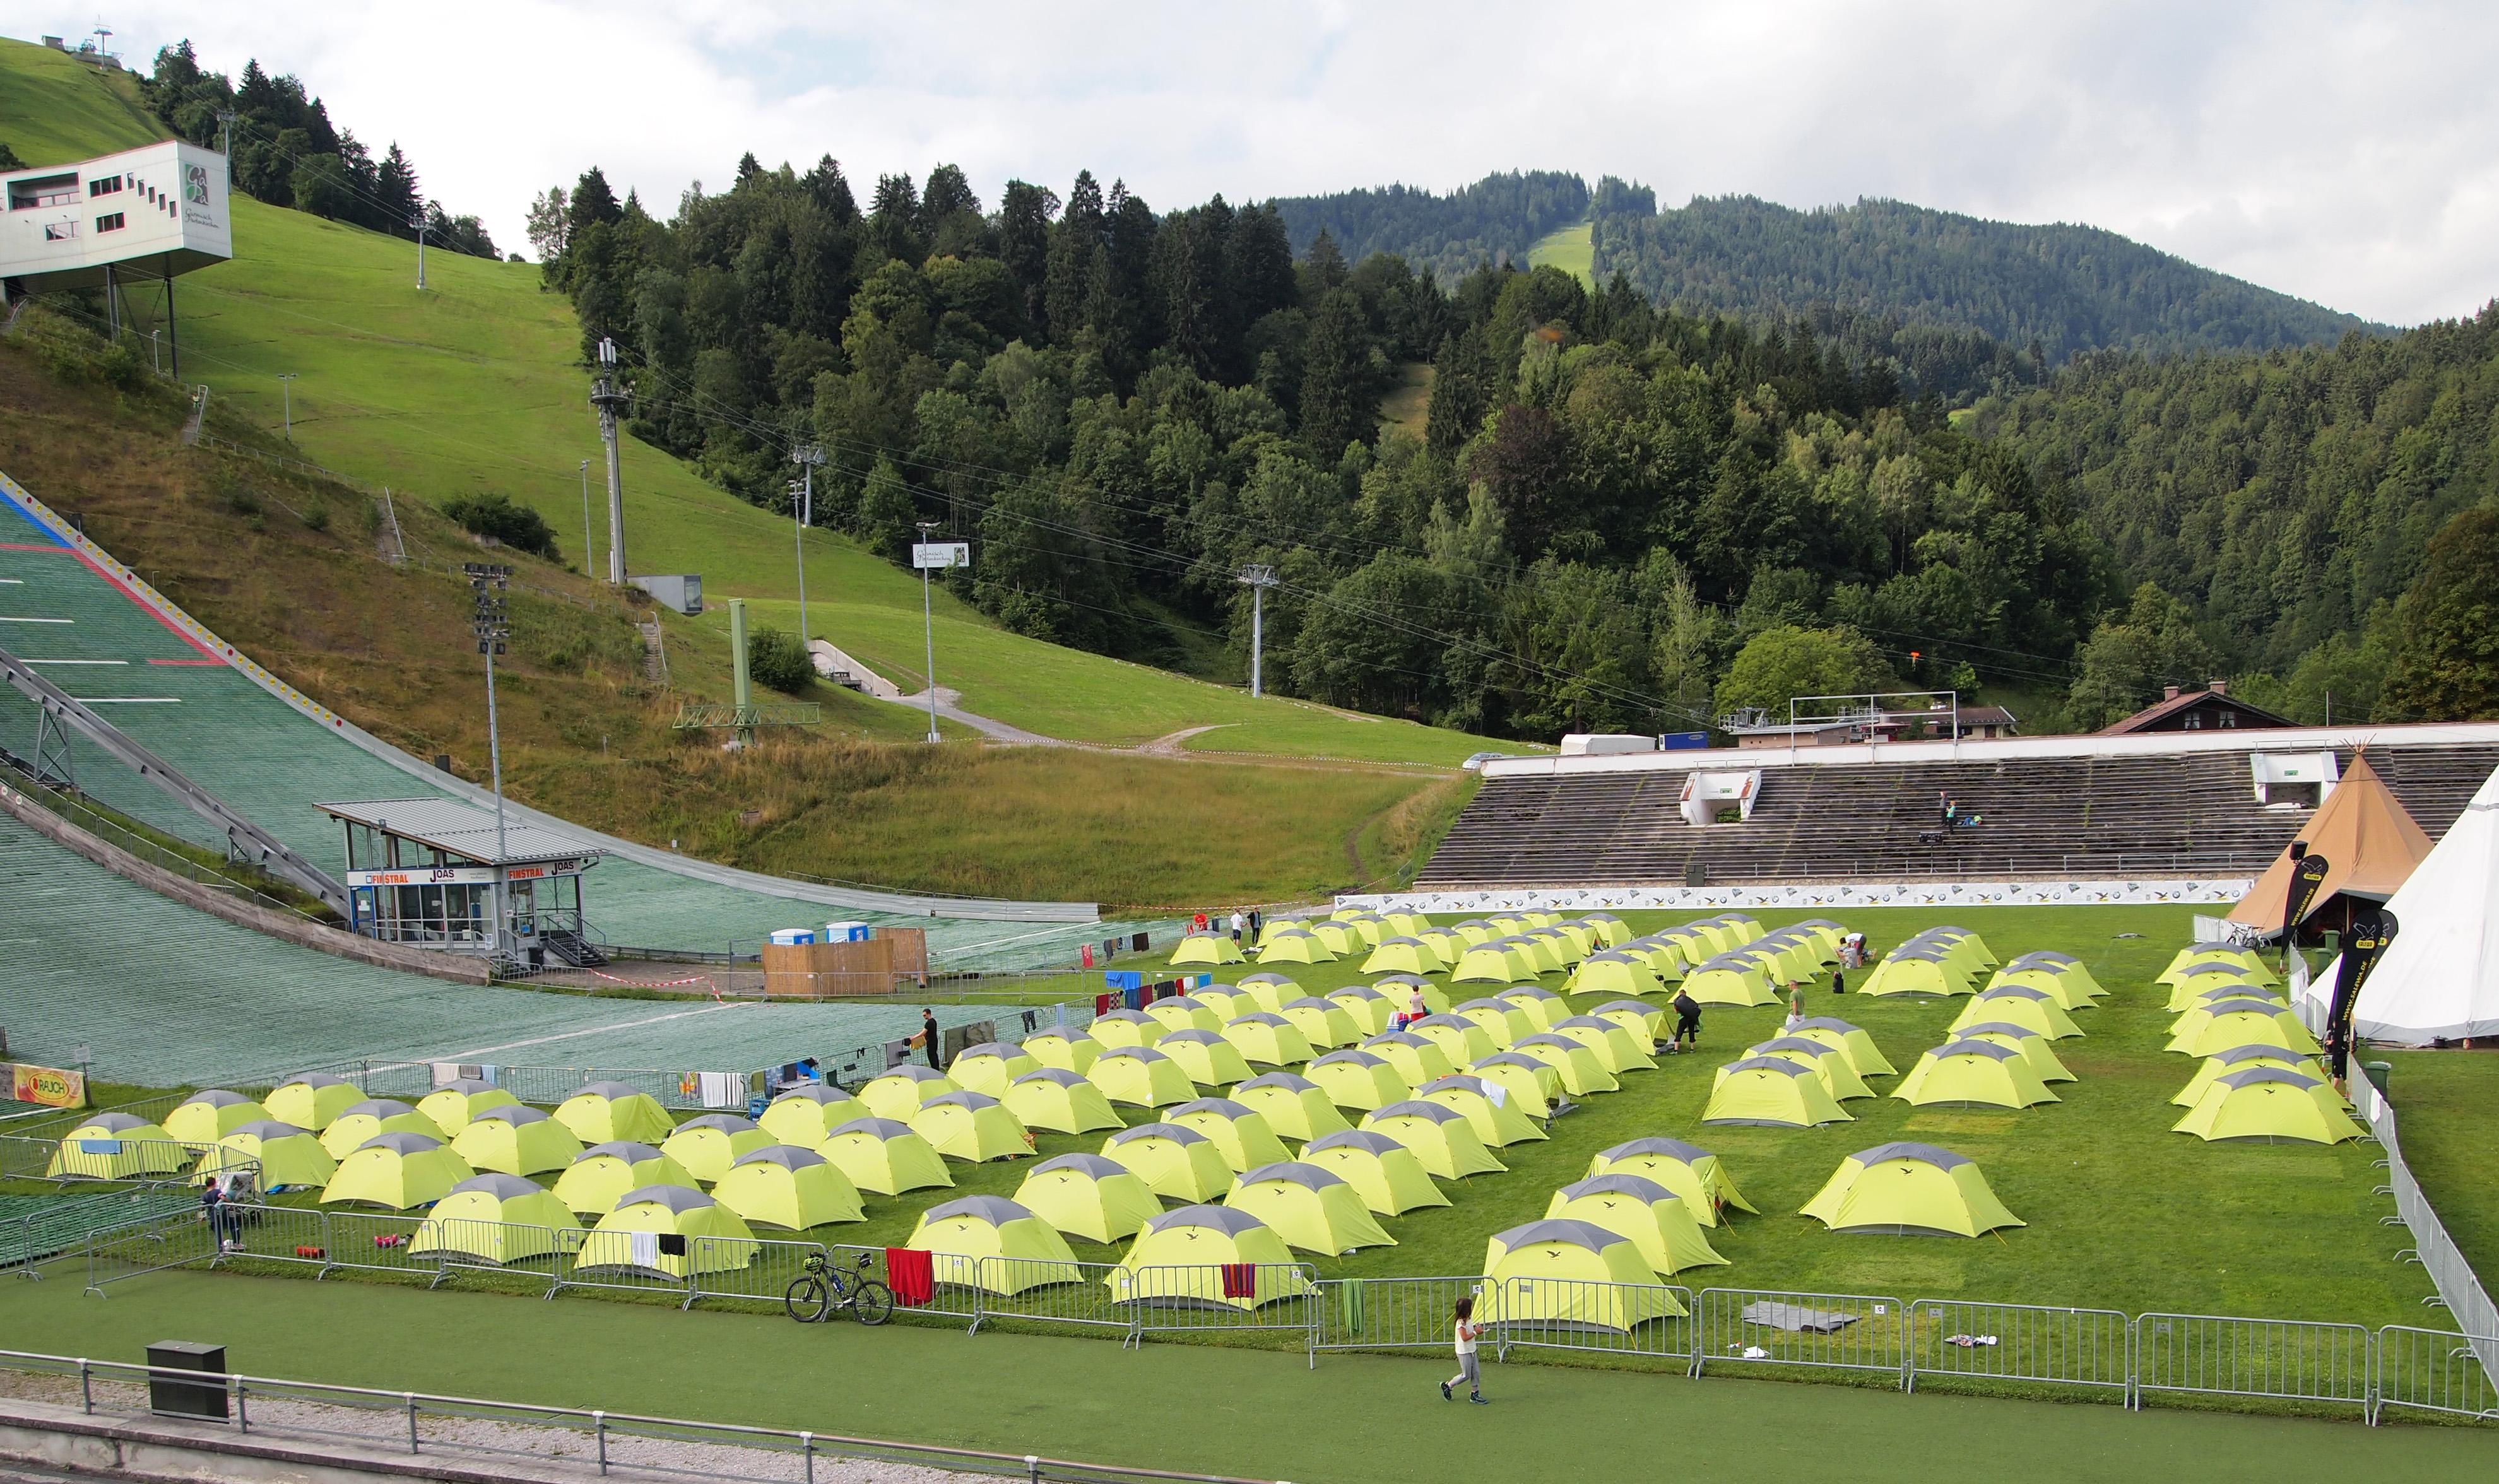 FileTents on Garmisch Olympia Stadium.jpg & File:Tents on Garmisch Olympia Stadium.jpg - Wikimedia Commons